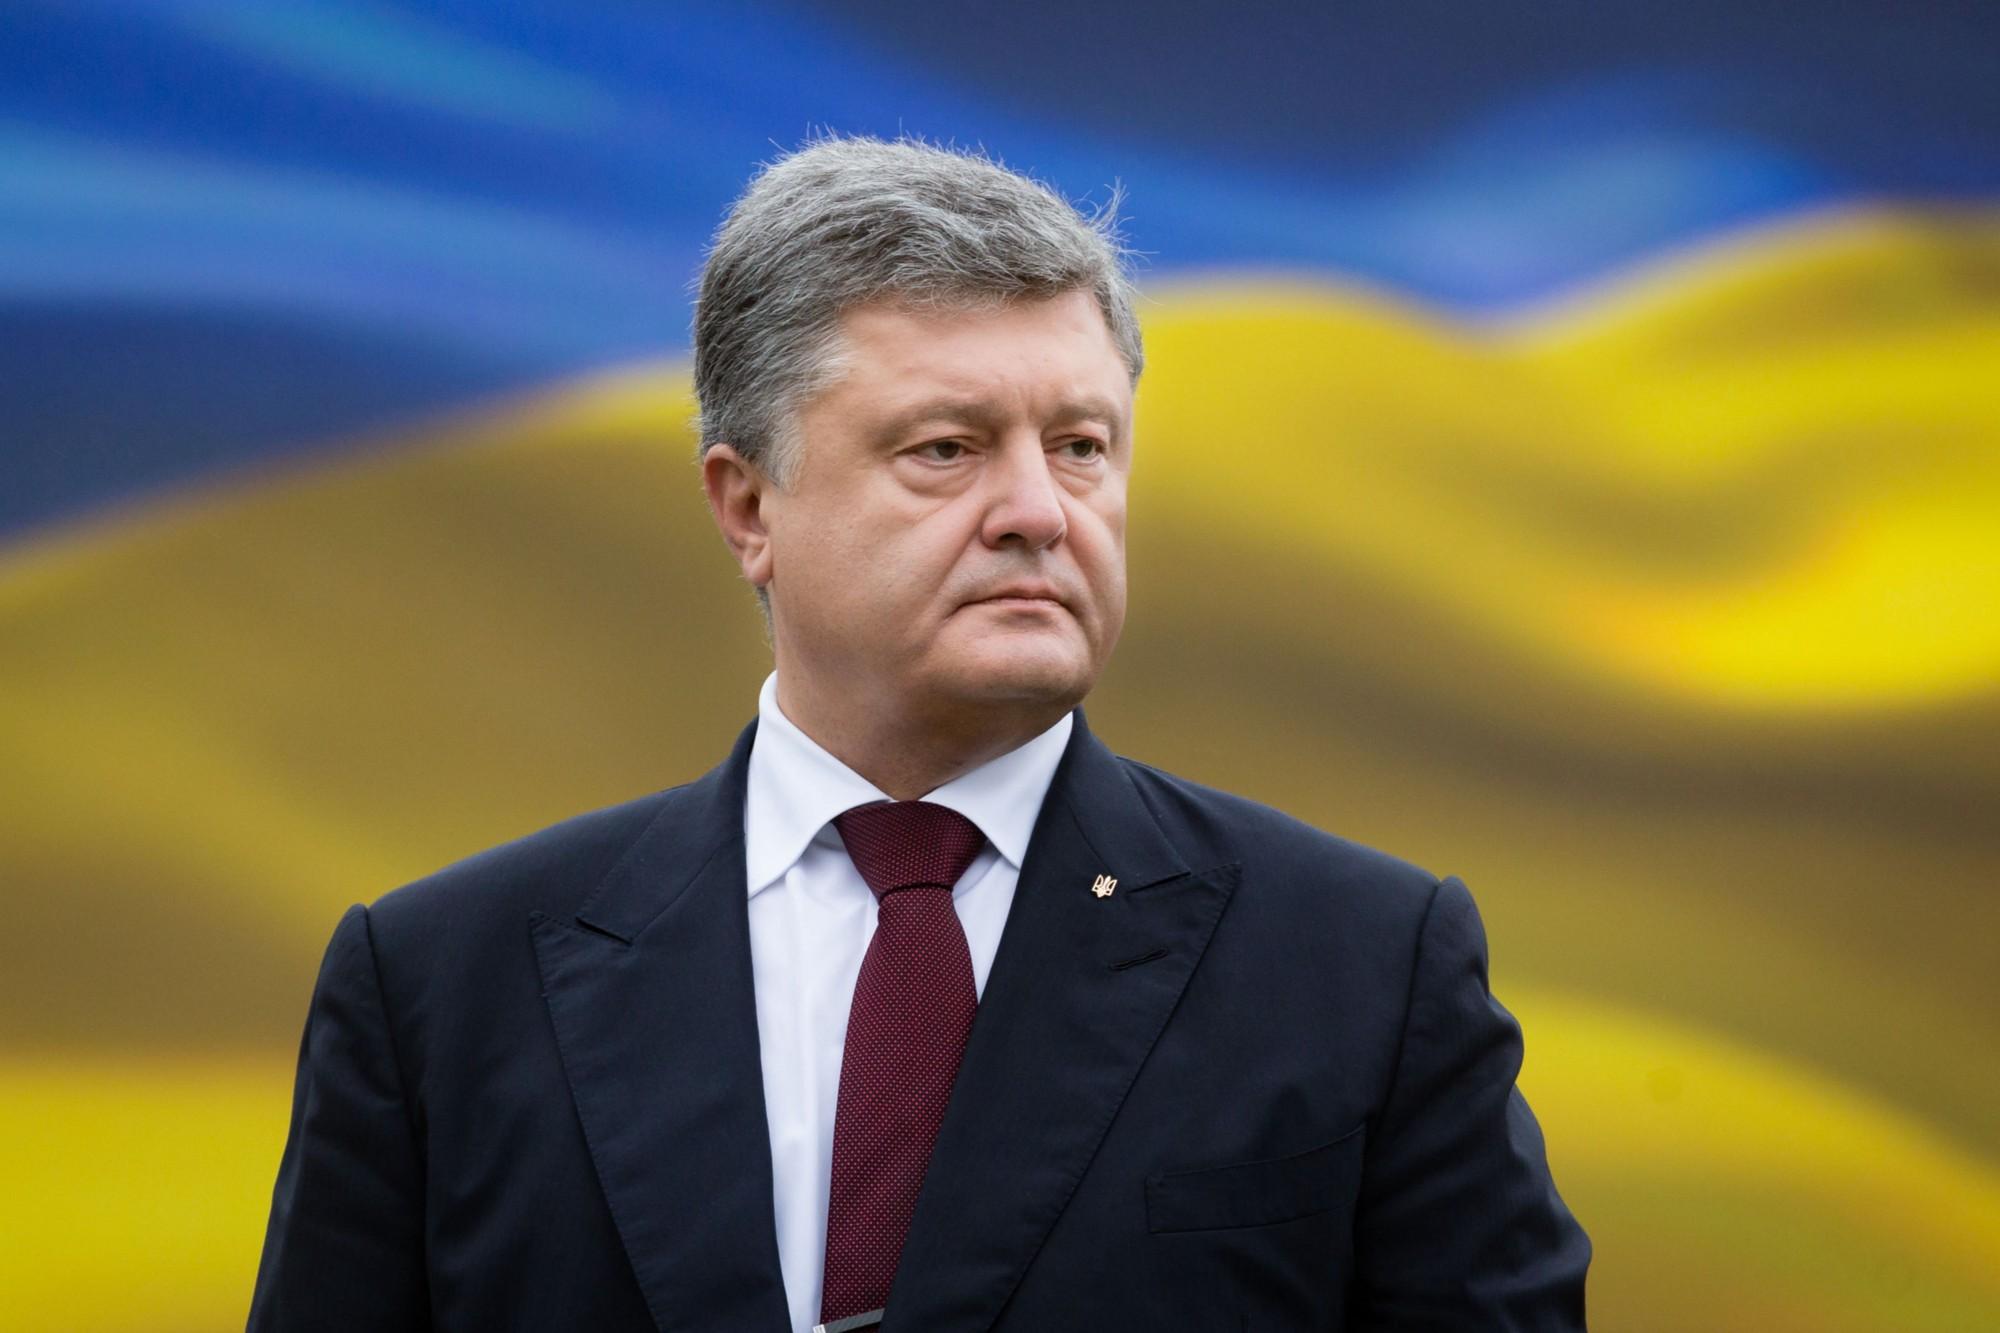 киев, петр порошенко, евросоюз, кремль, россия, день европы, выступление, видео, украина